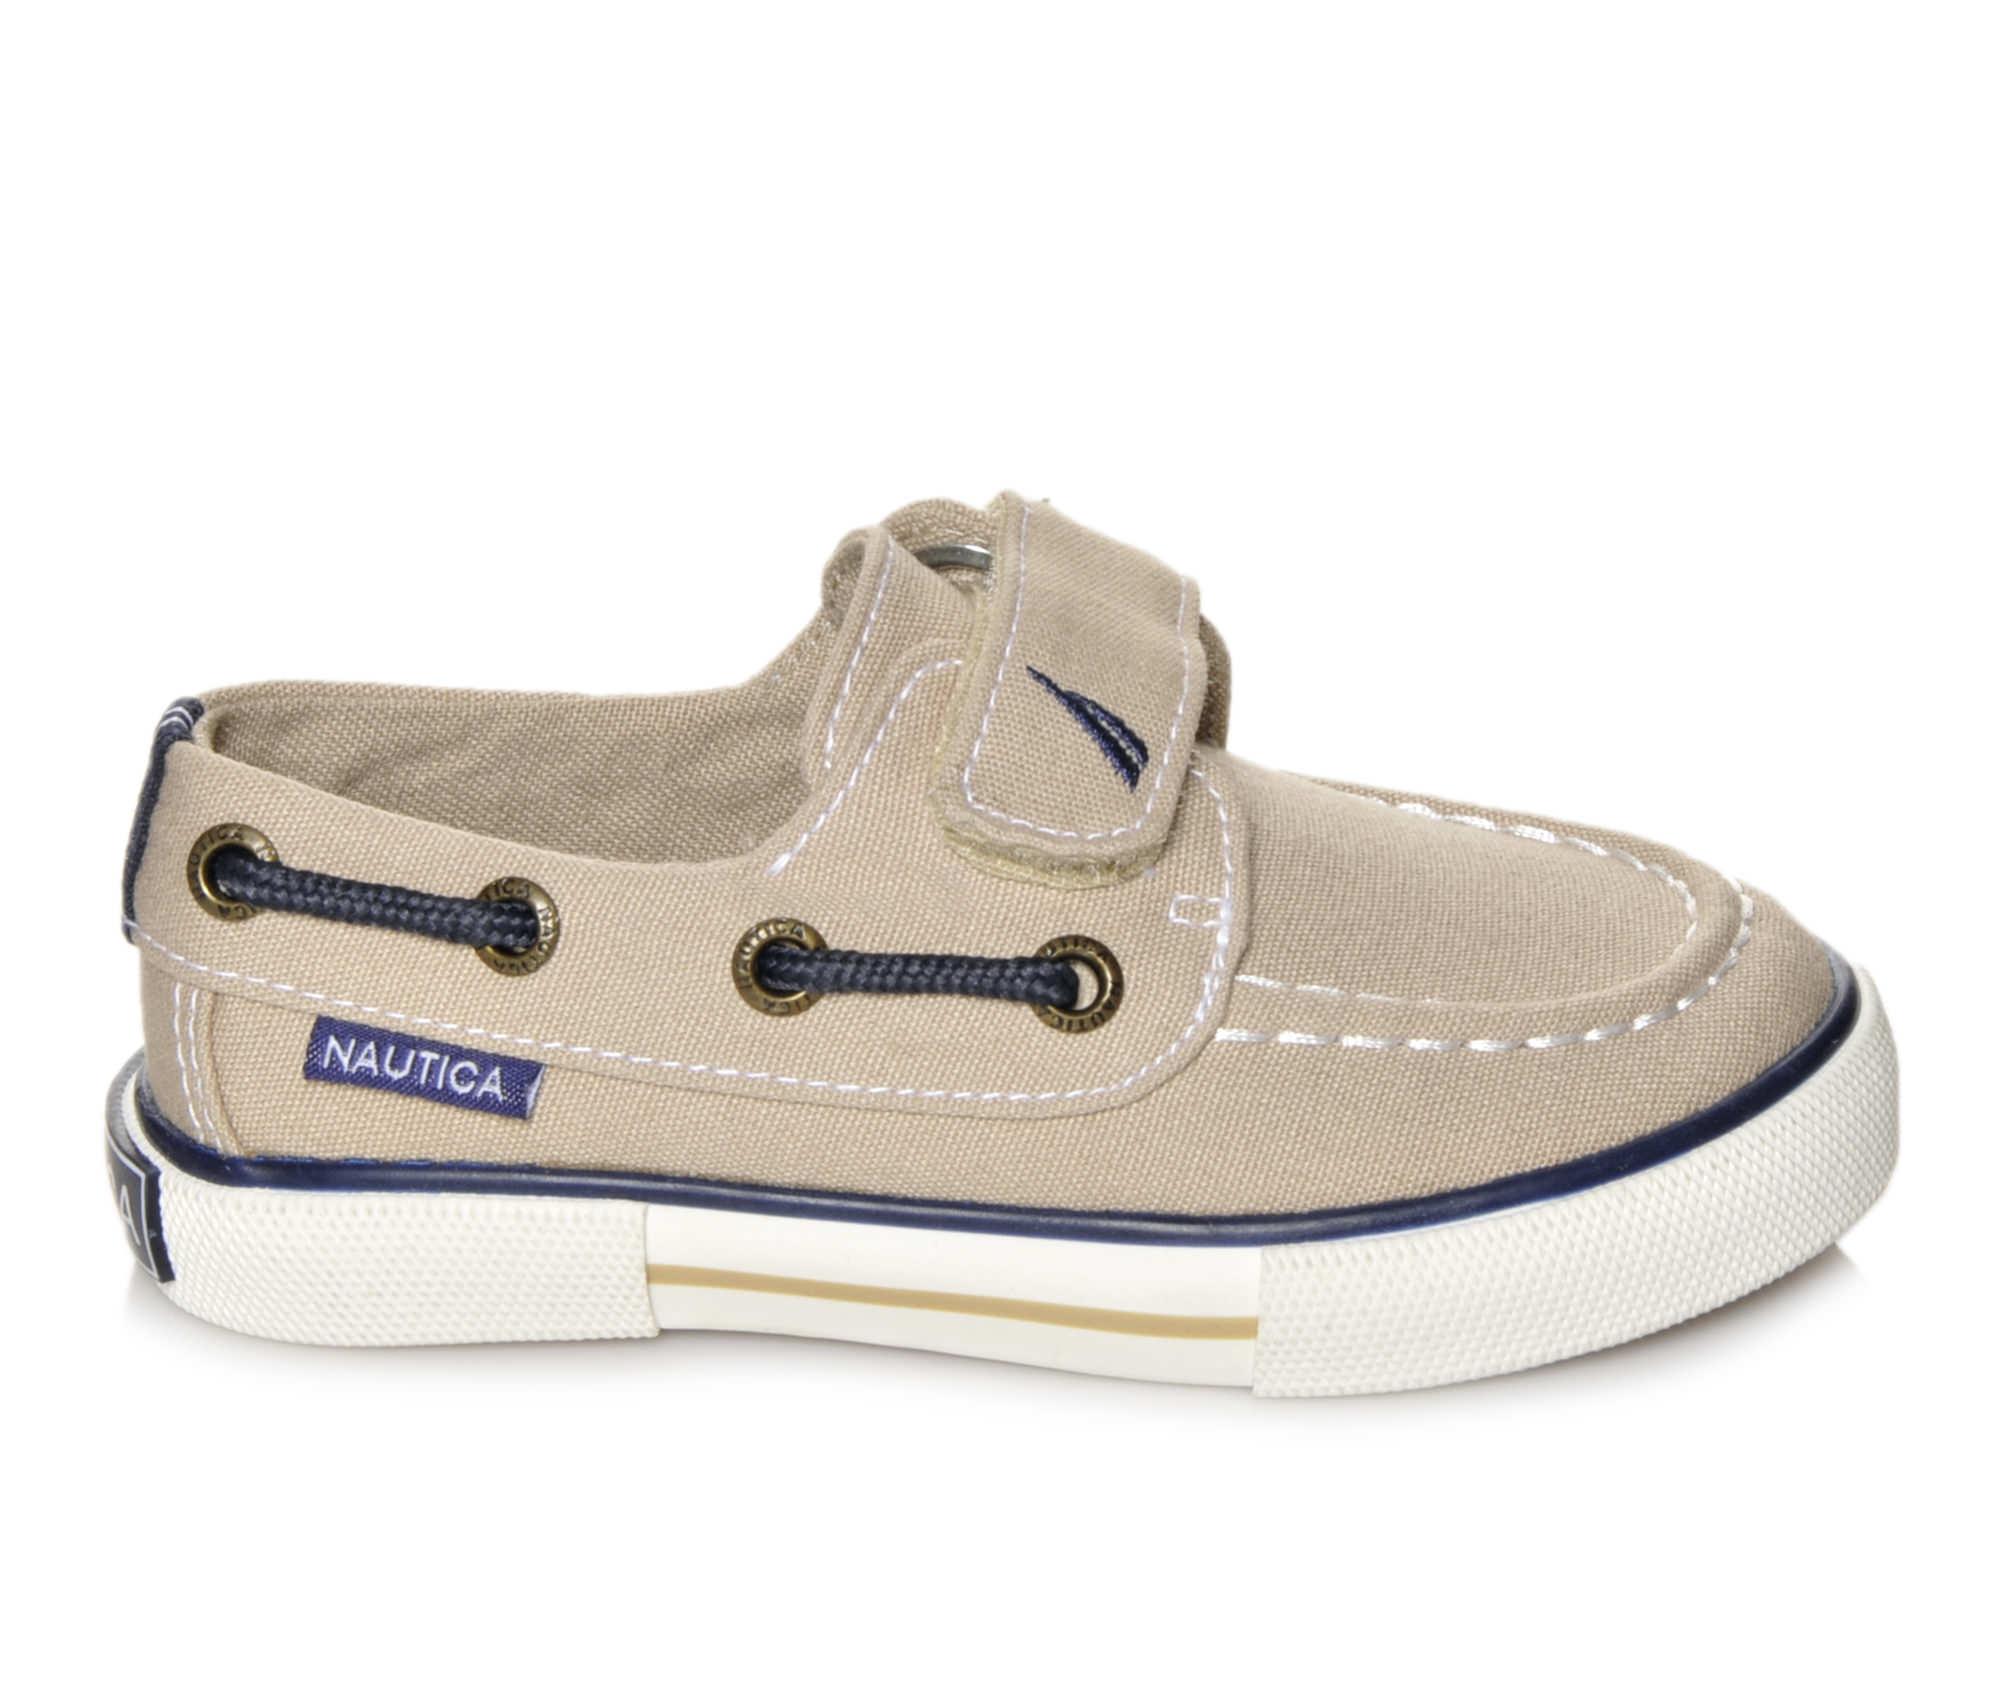 Boys' Nautica Little River 2 Sneakers (Beige)